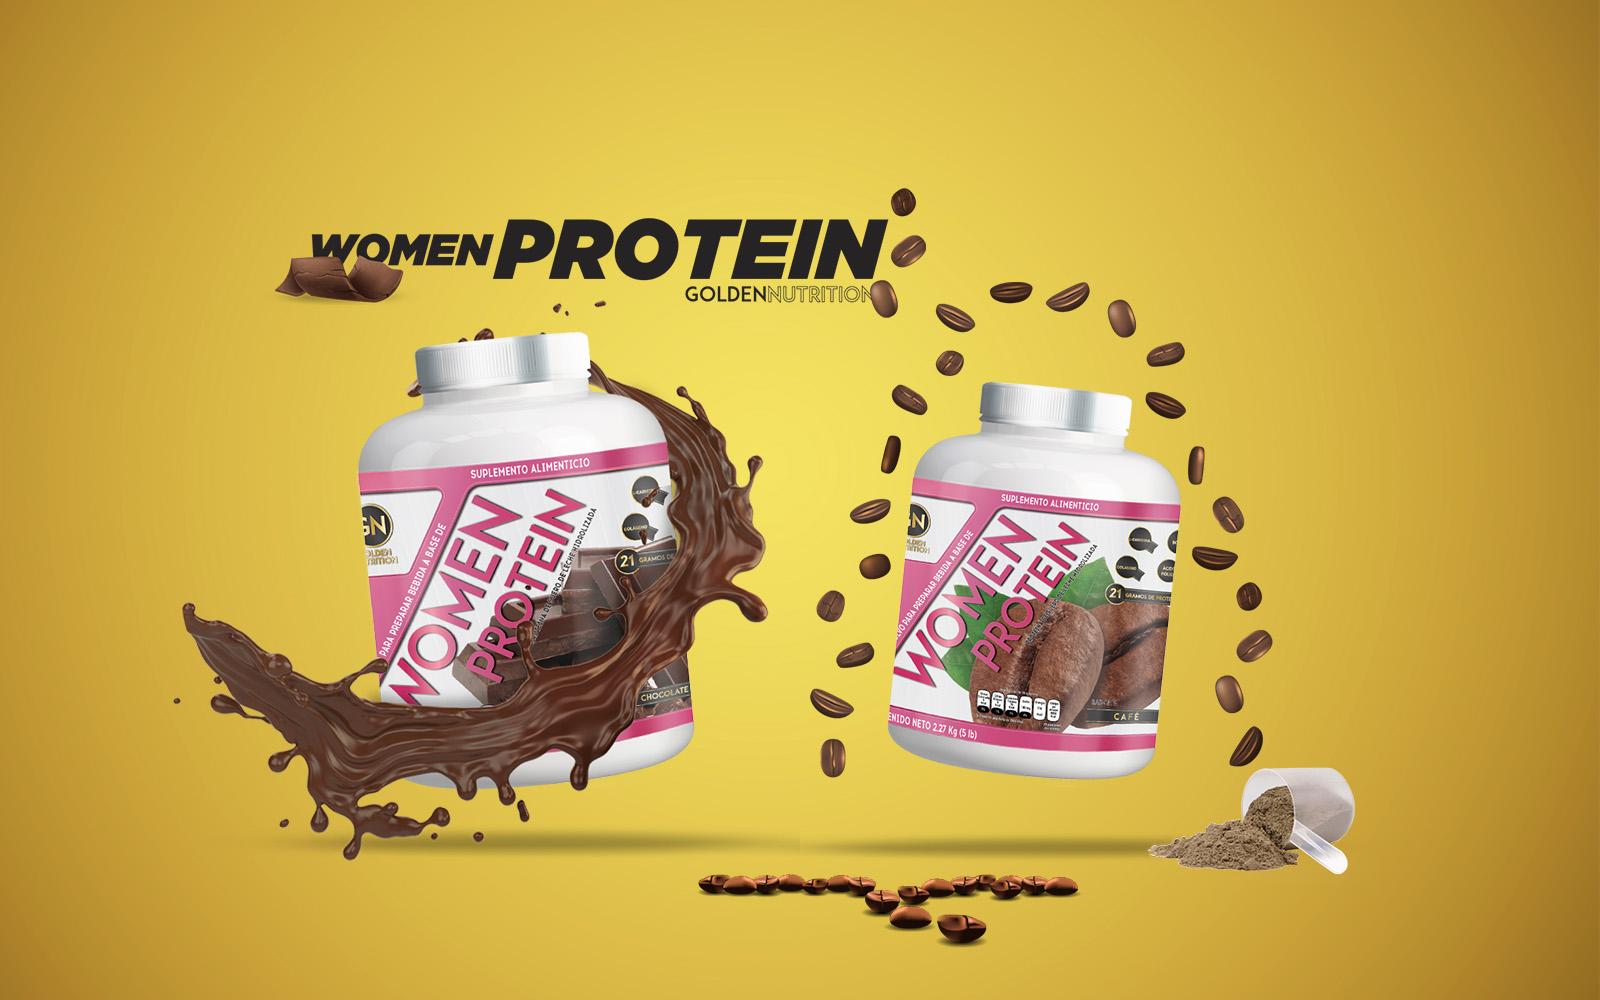 GOLDEN NUTRITION - WOMEN PROTEIN